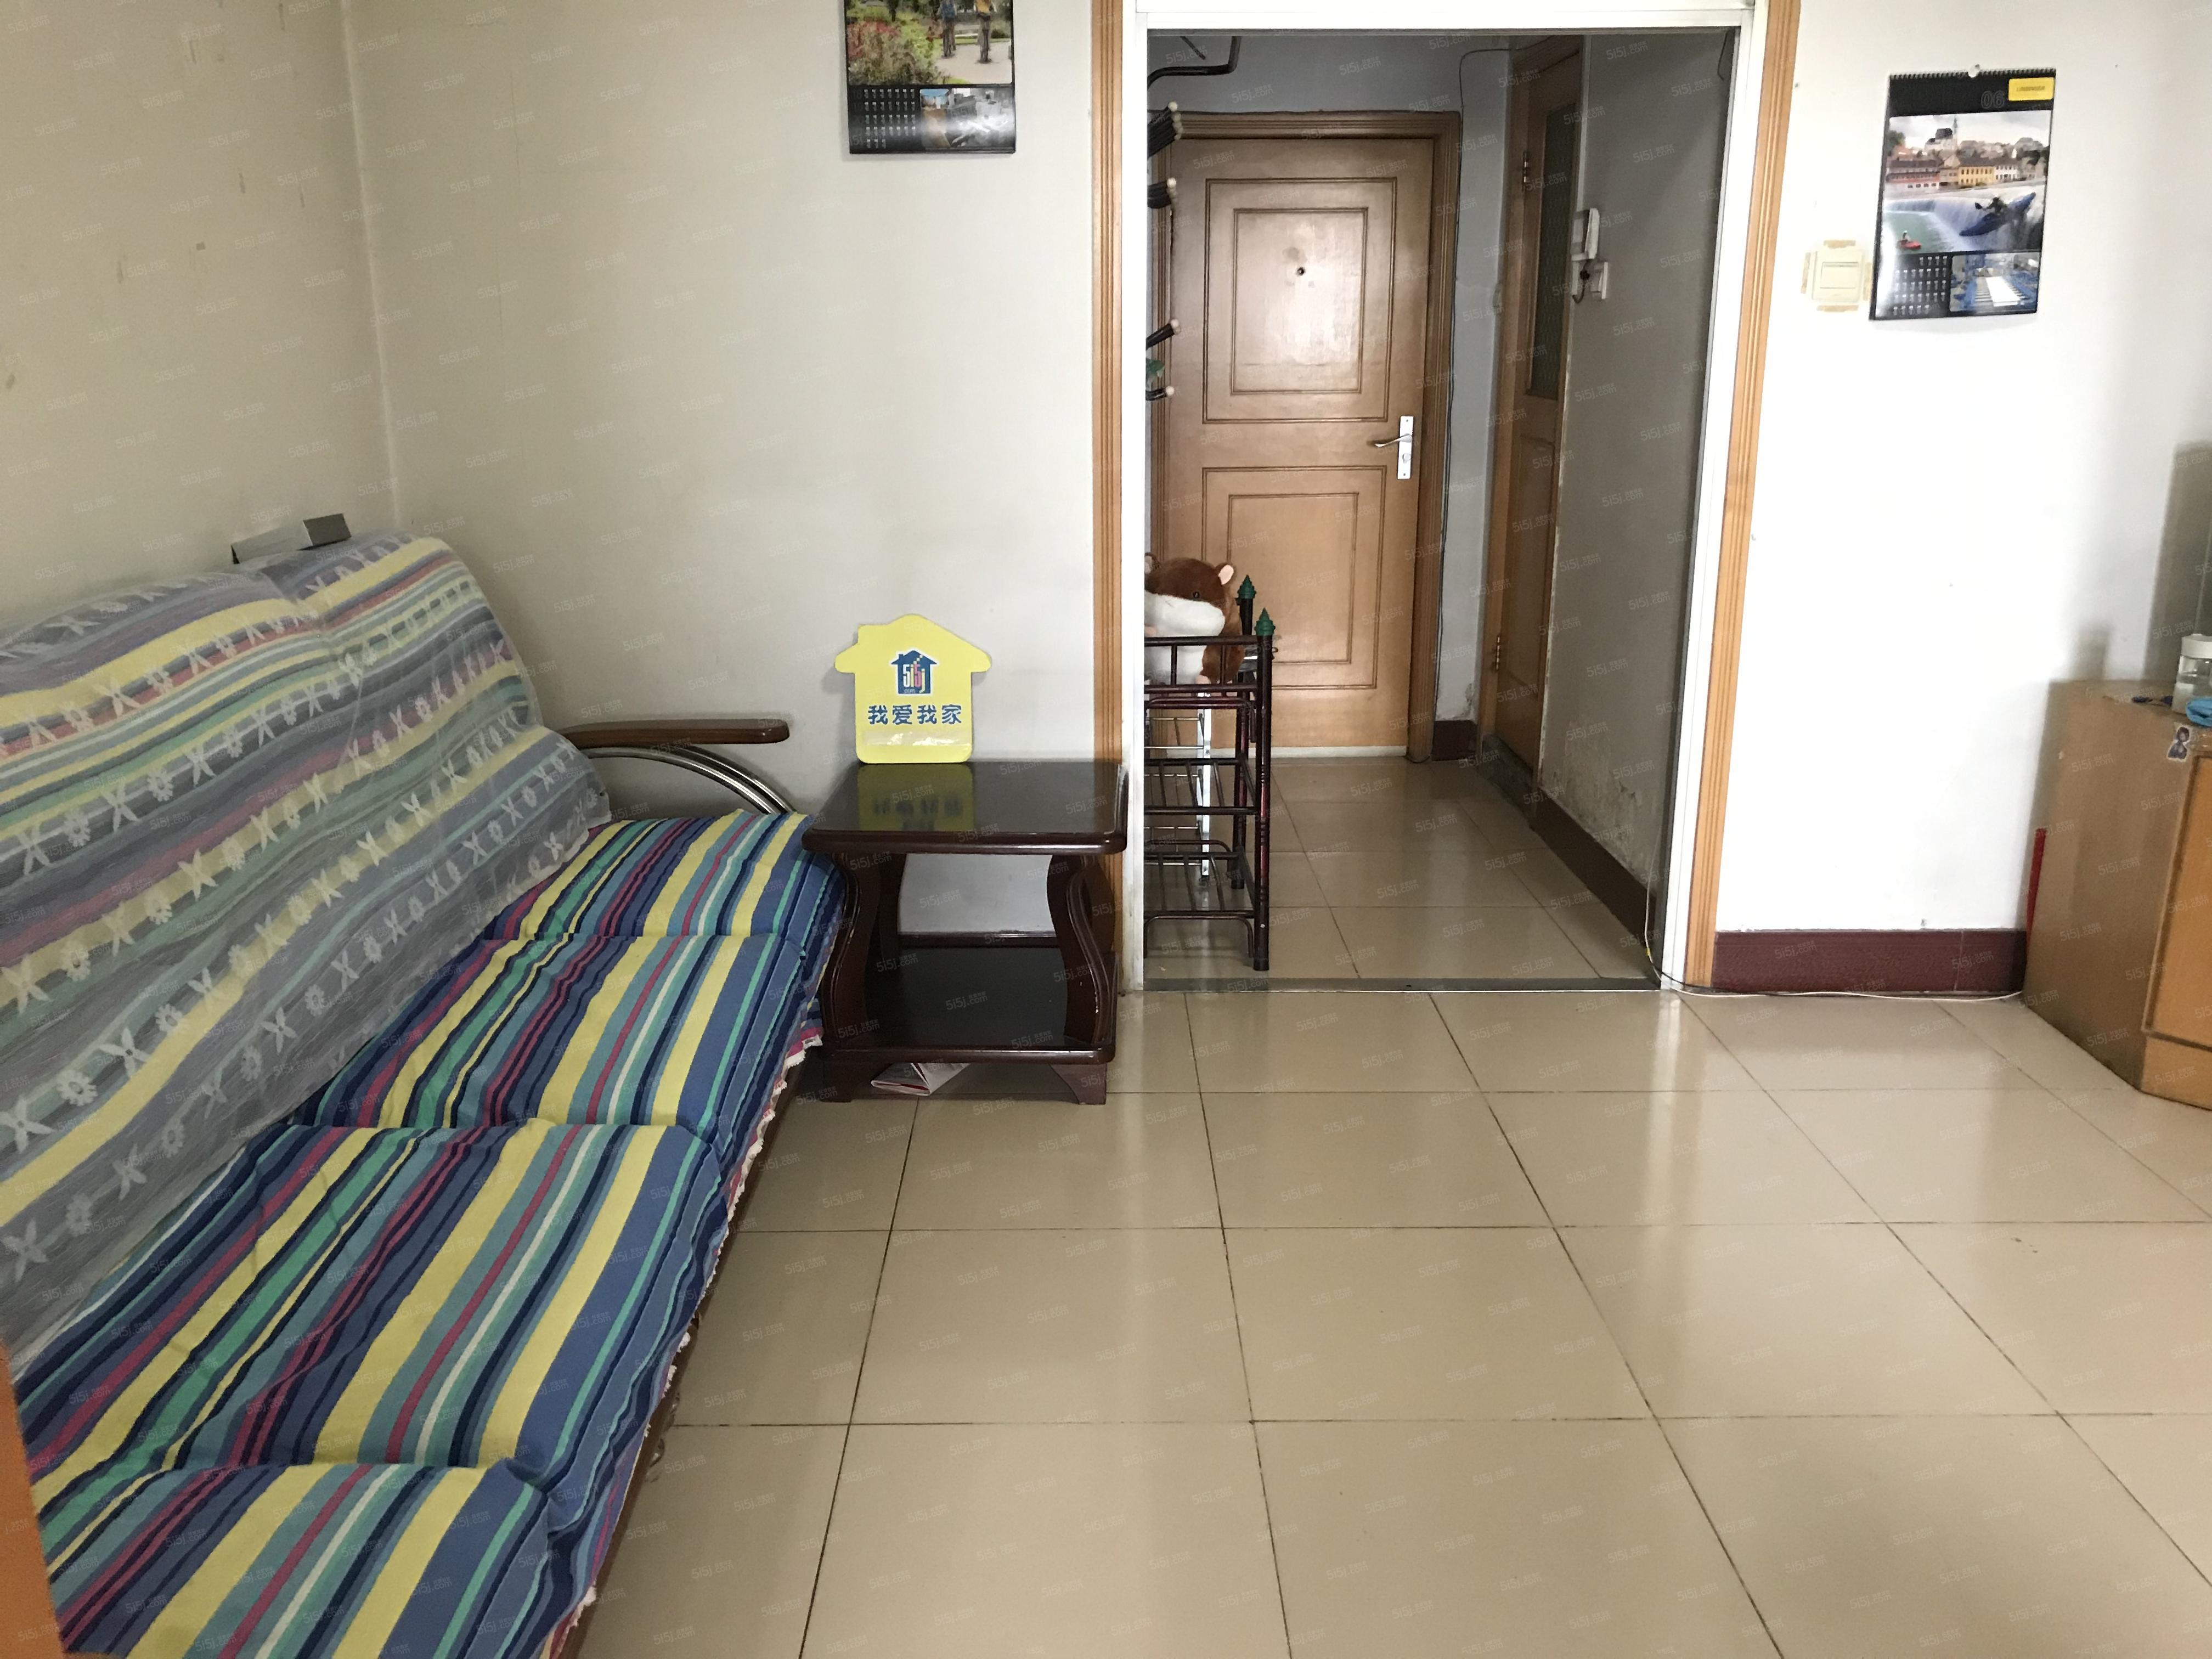 西潞园一里 正规两居室 有钥匙 看房房方便